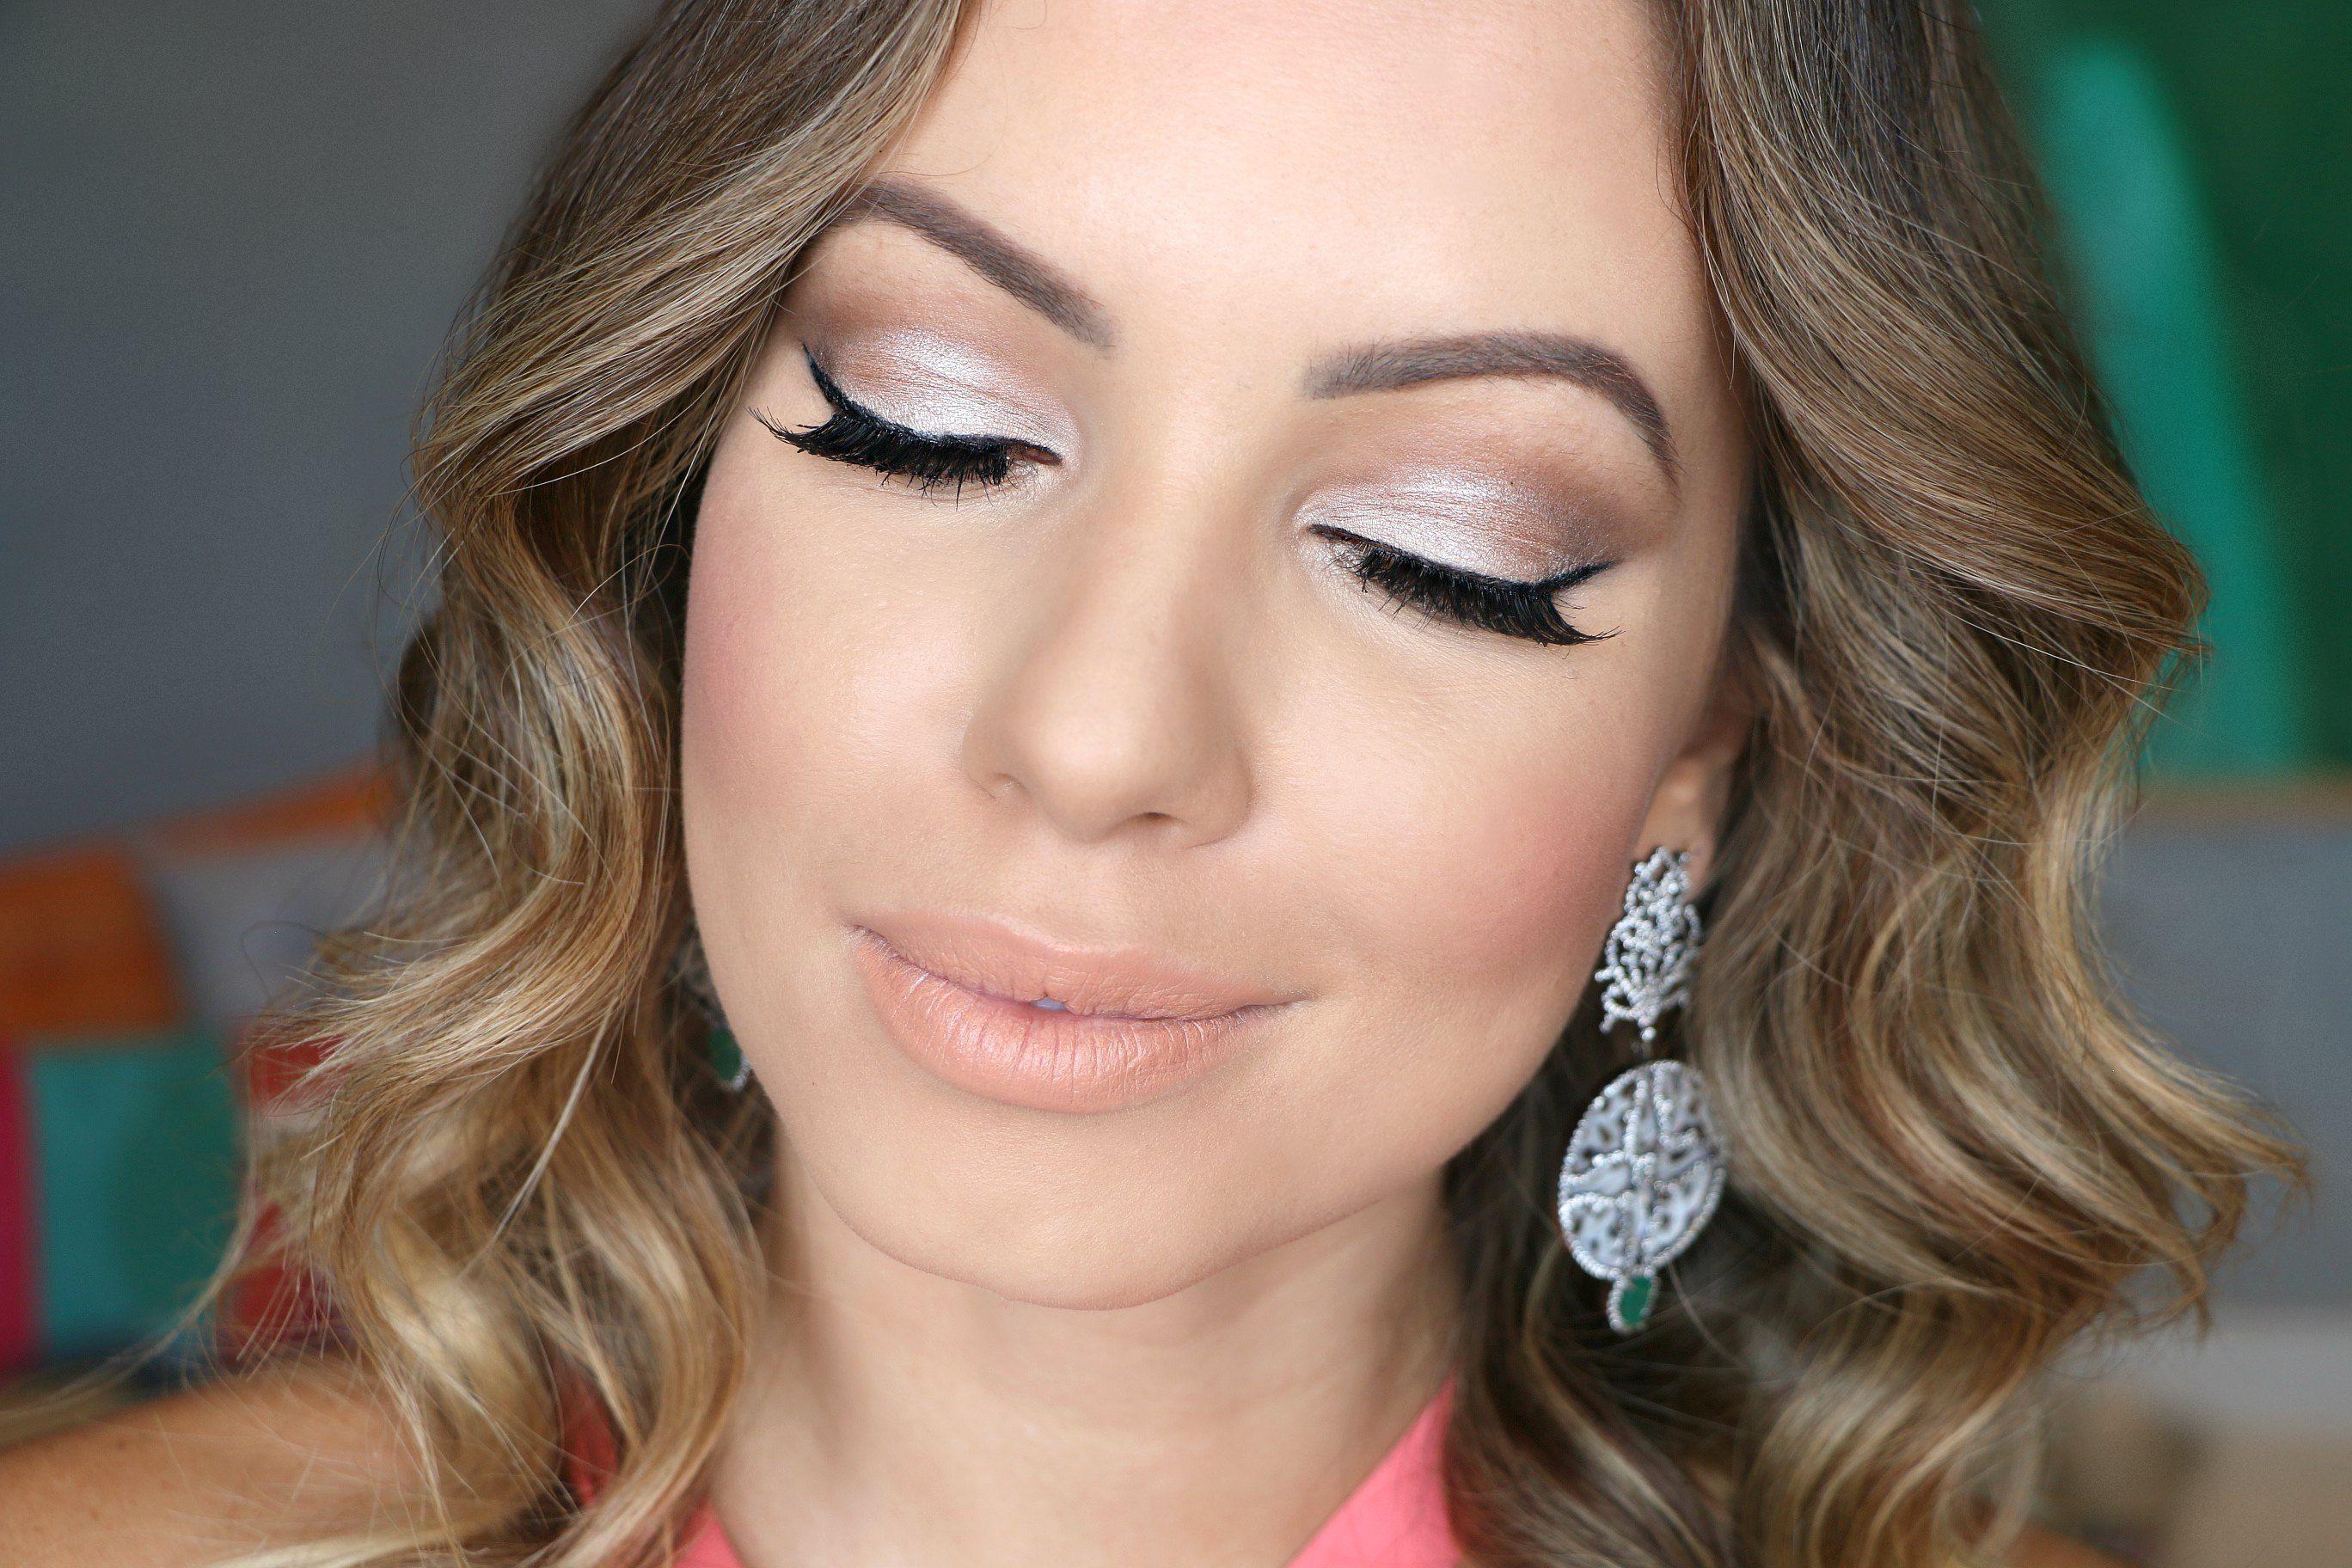 10 maquiagens para combinar com vestido turquesa | Idéias de